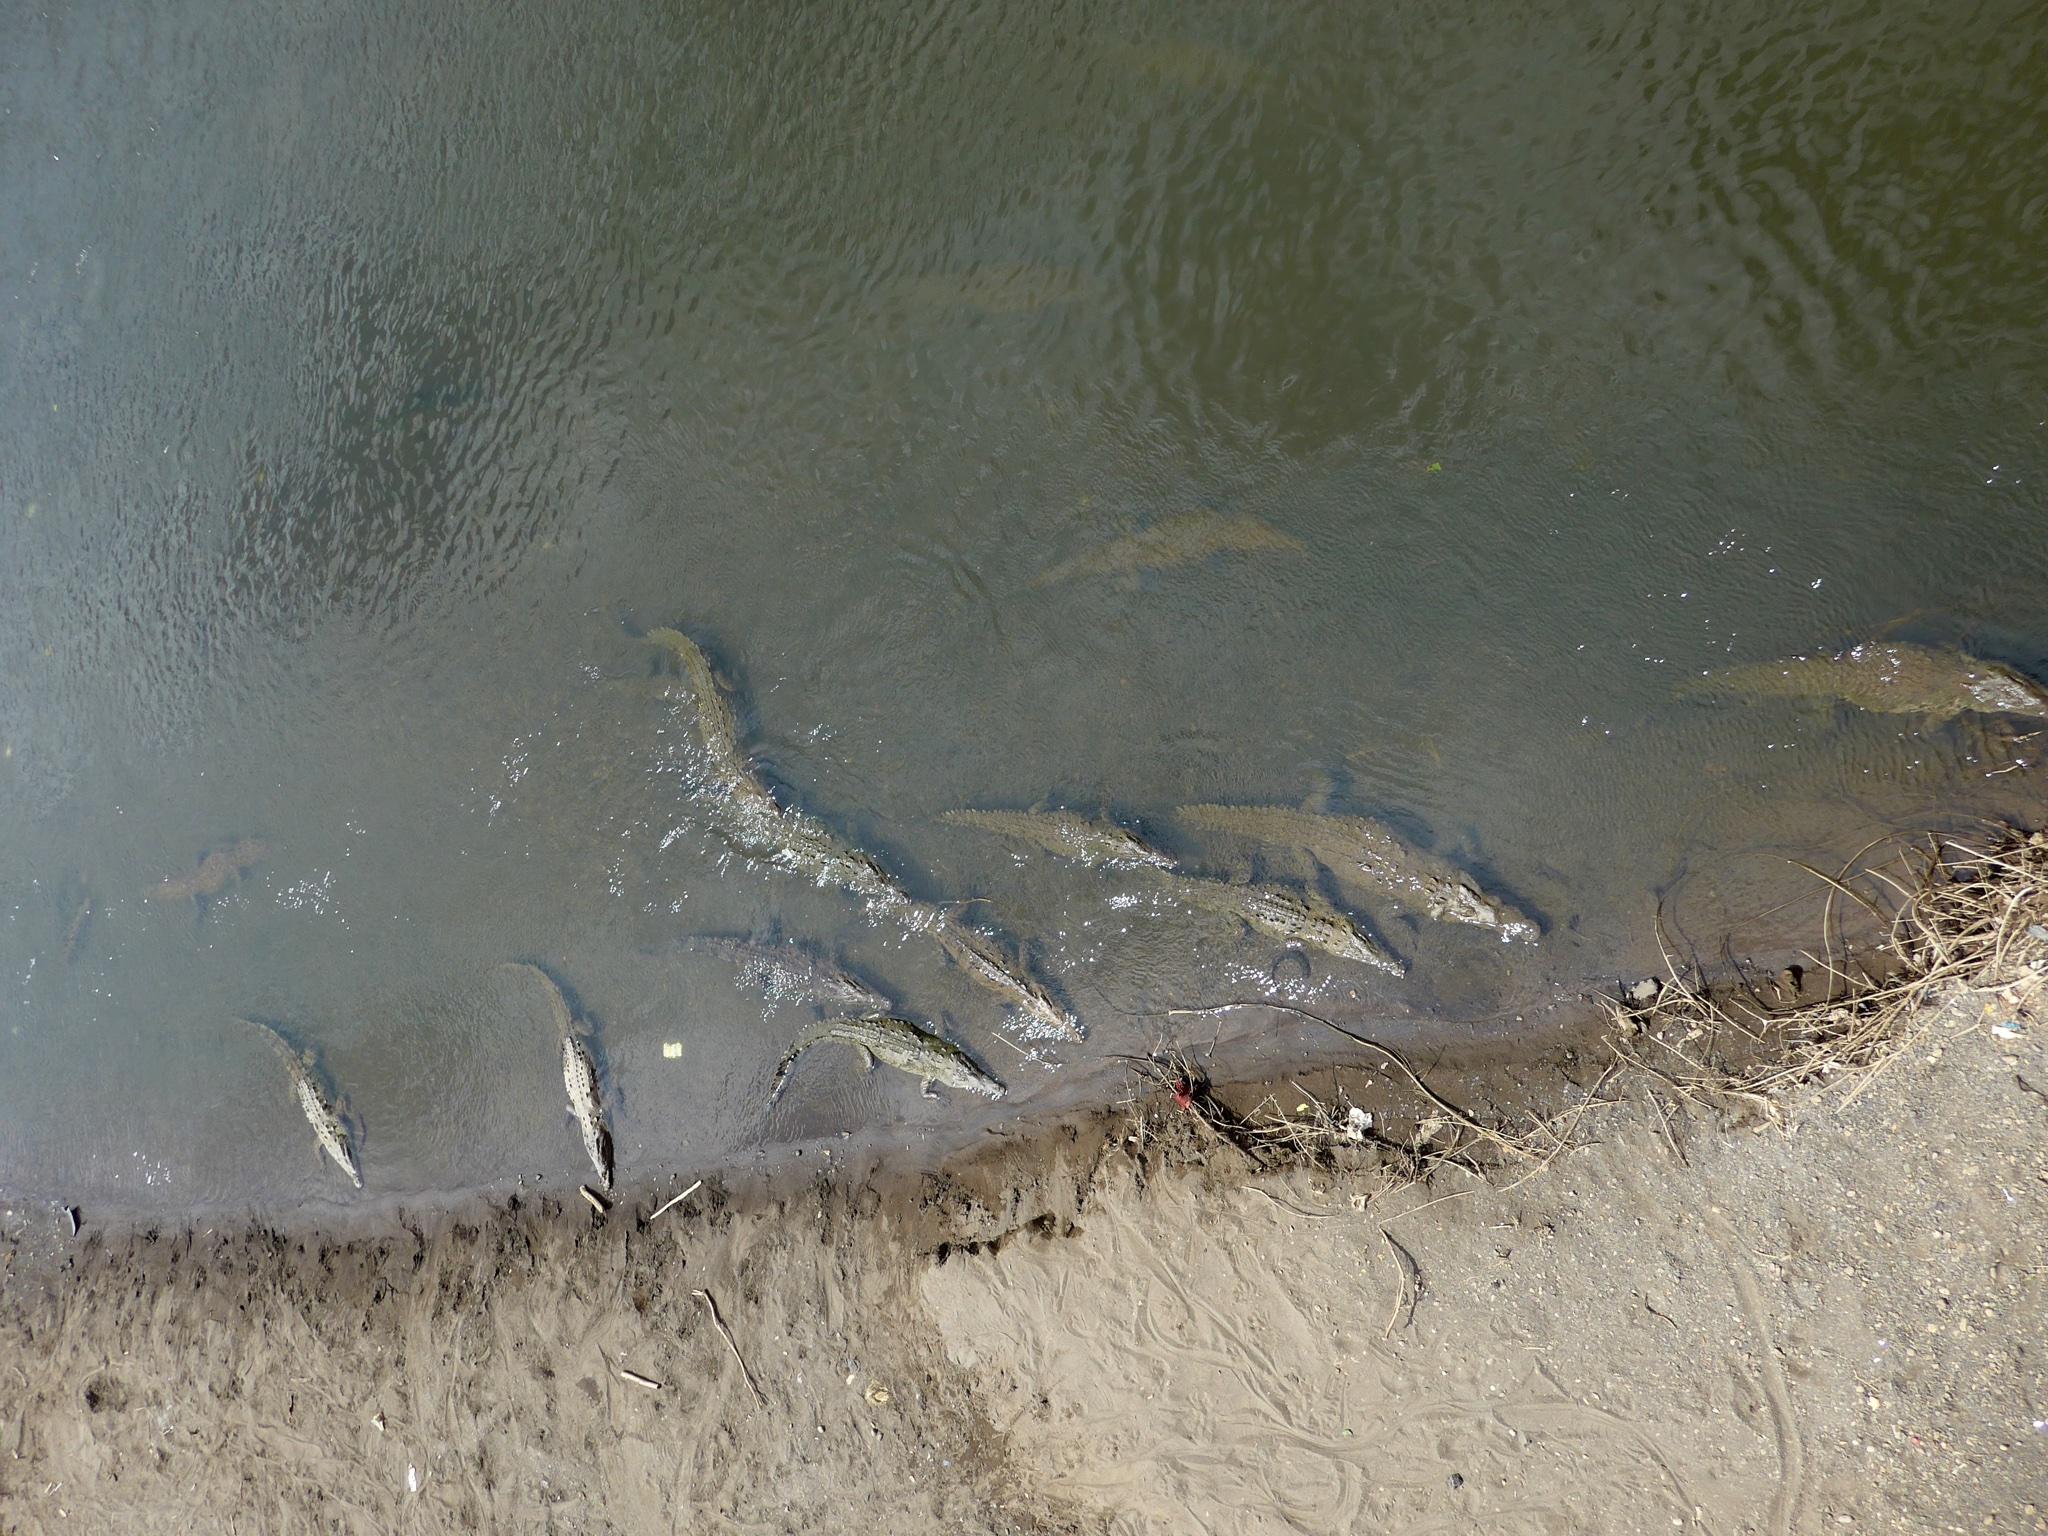 Von der Brücke aus fotografiert sehen die Krokodile beinahe harmlos aus...